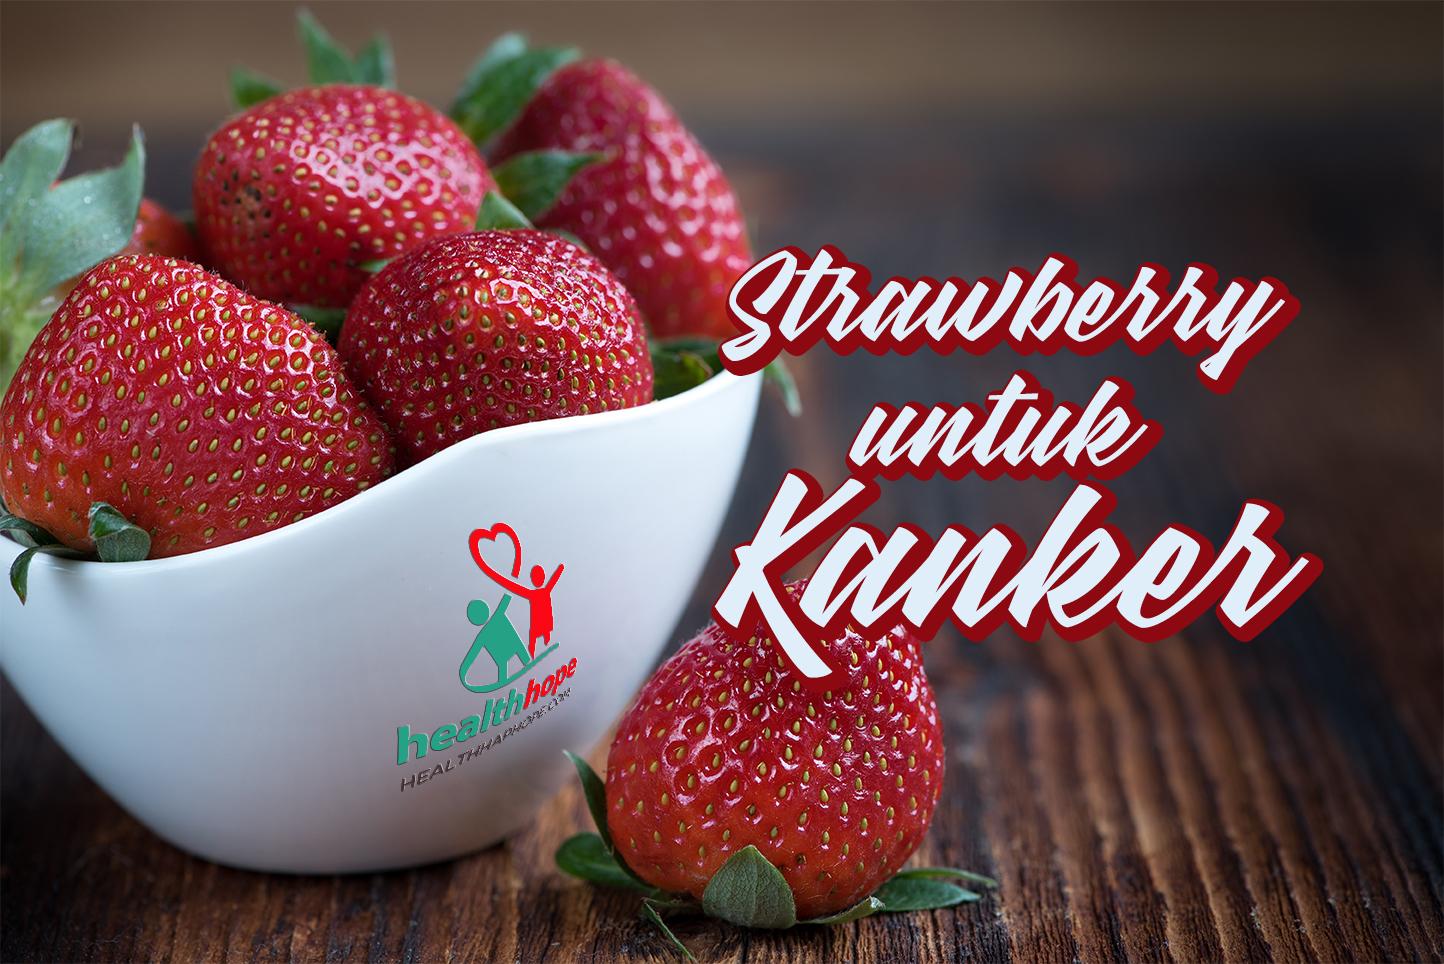 Mengkonsumsi 8 Stroberi Per Hari Untuk Mencegah Kanker